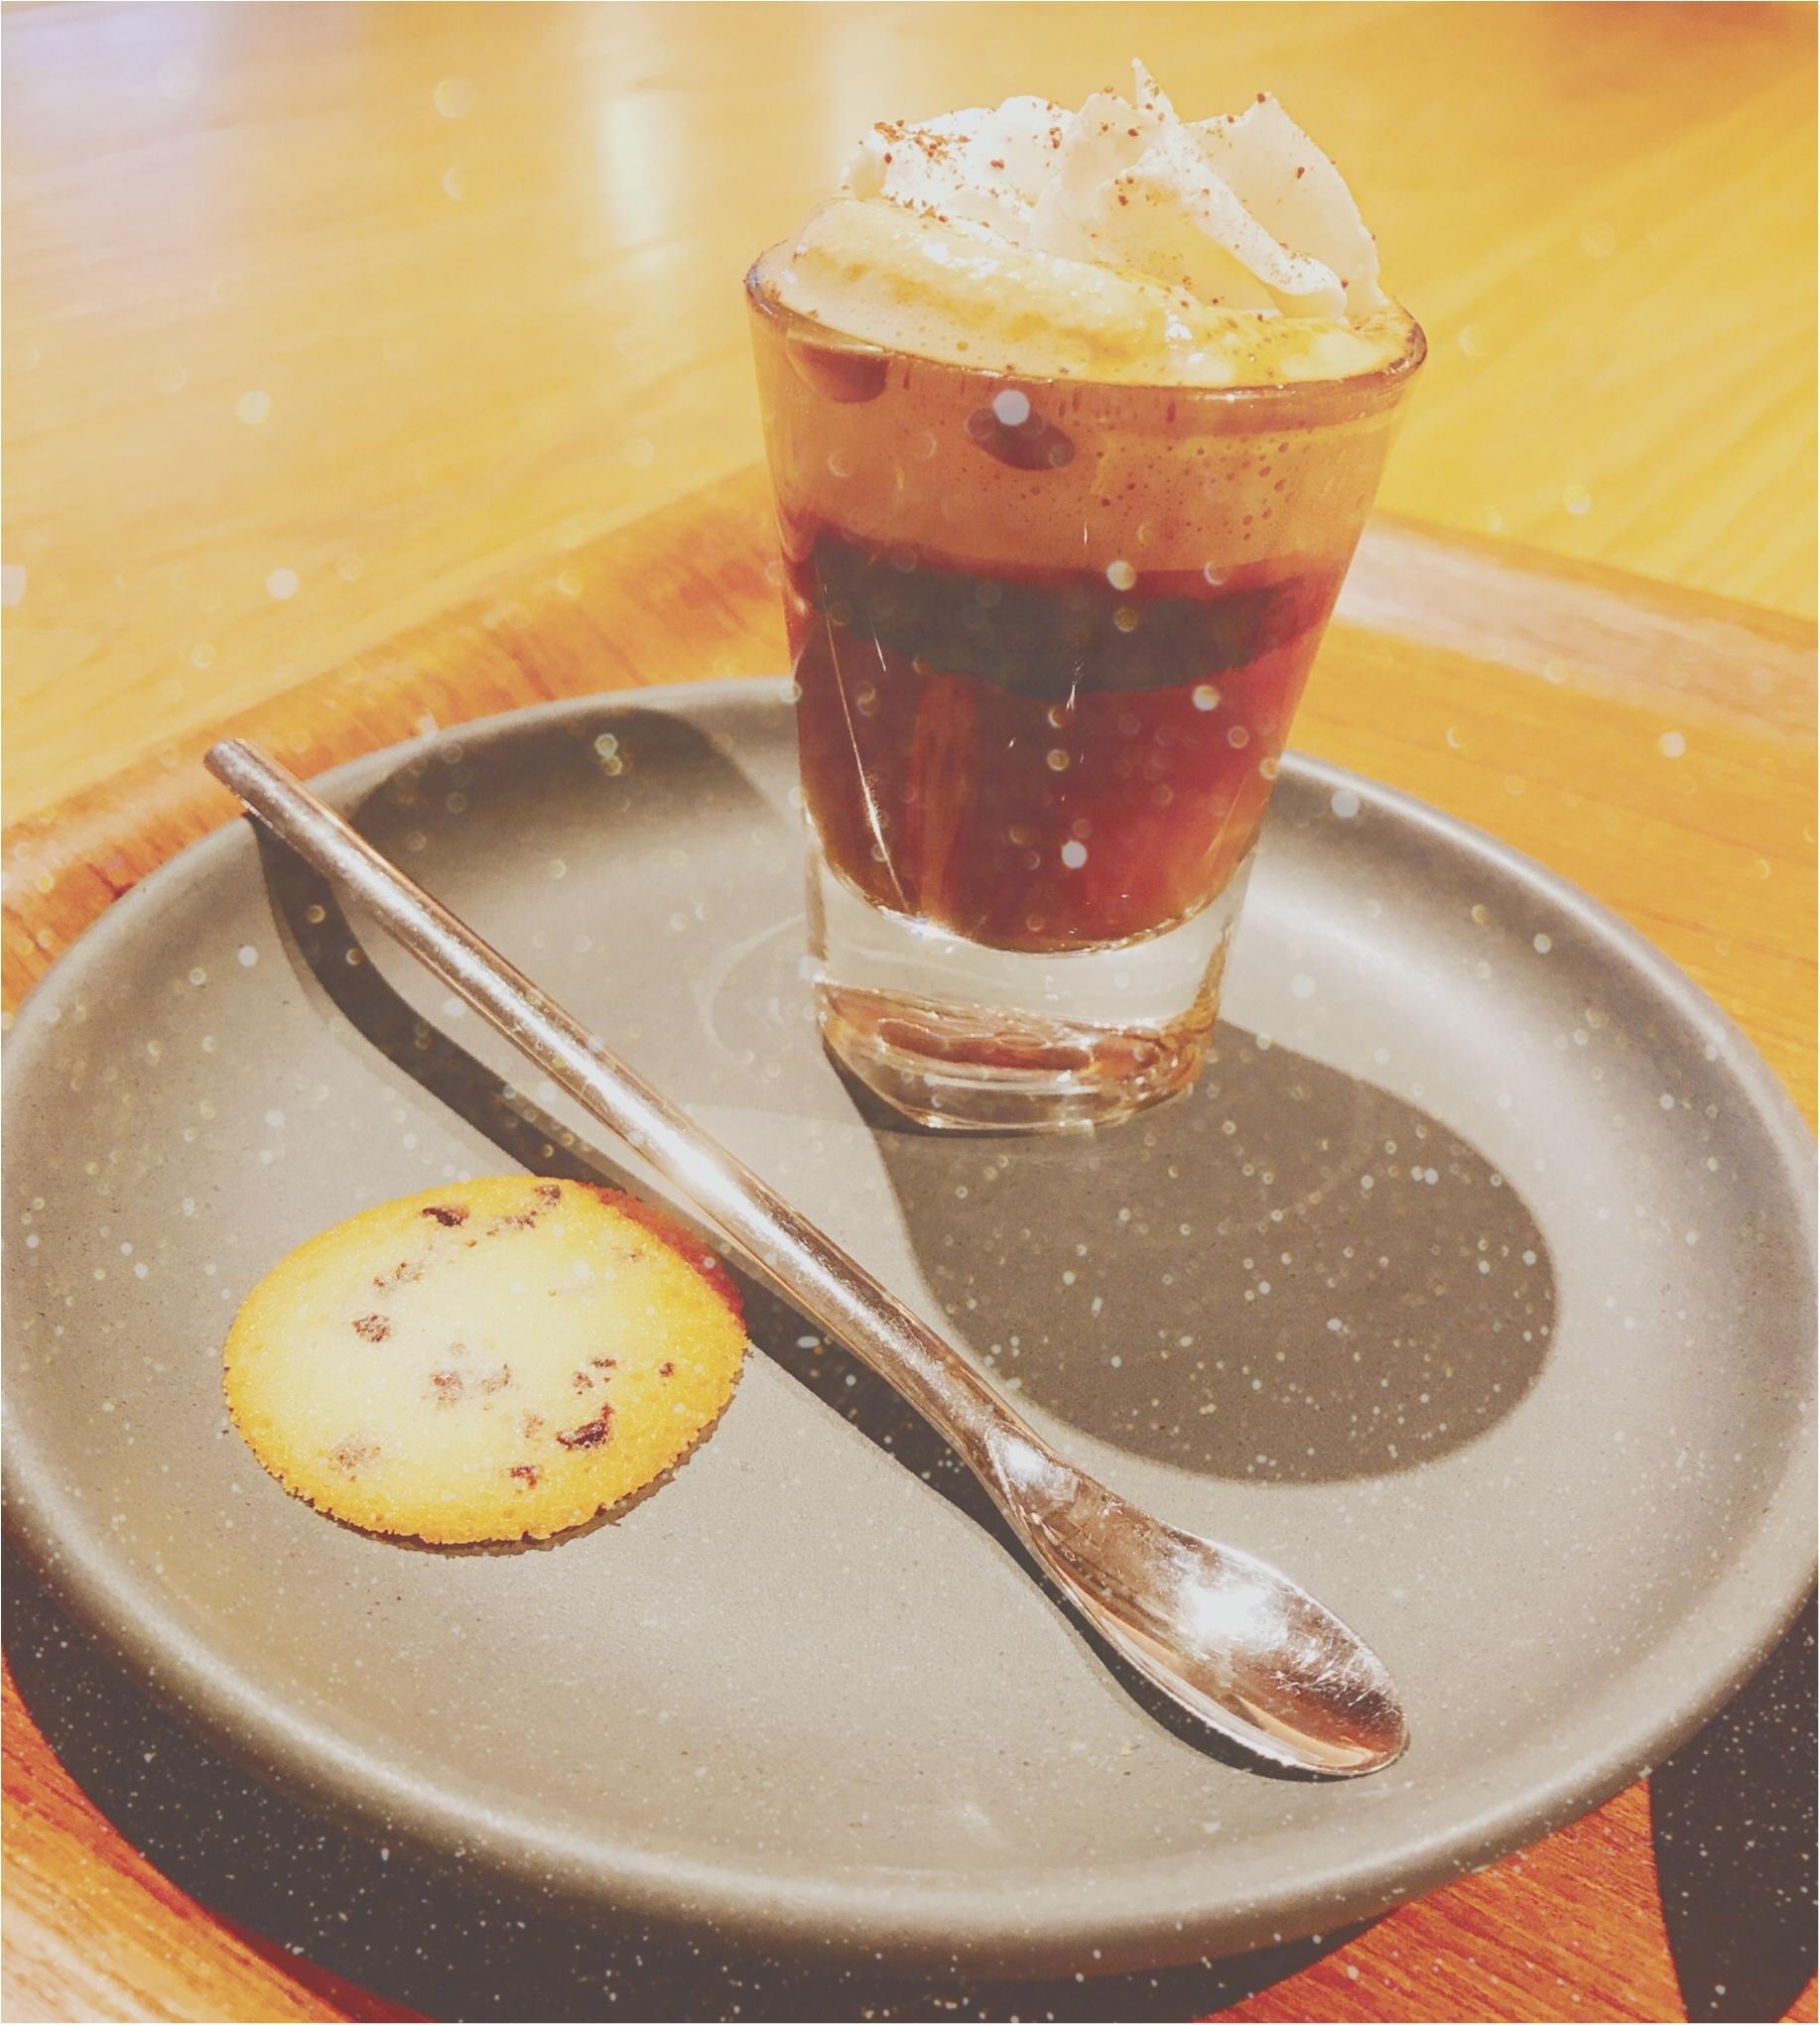 """香りを食べる♡チョコレートの新トレンド""""Bean to bar""""の専門店「ダンデライオン・チョコレート」@蔵前☻コンビニでも本格派のチョコレートが買えちゃう!?_5"""